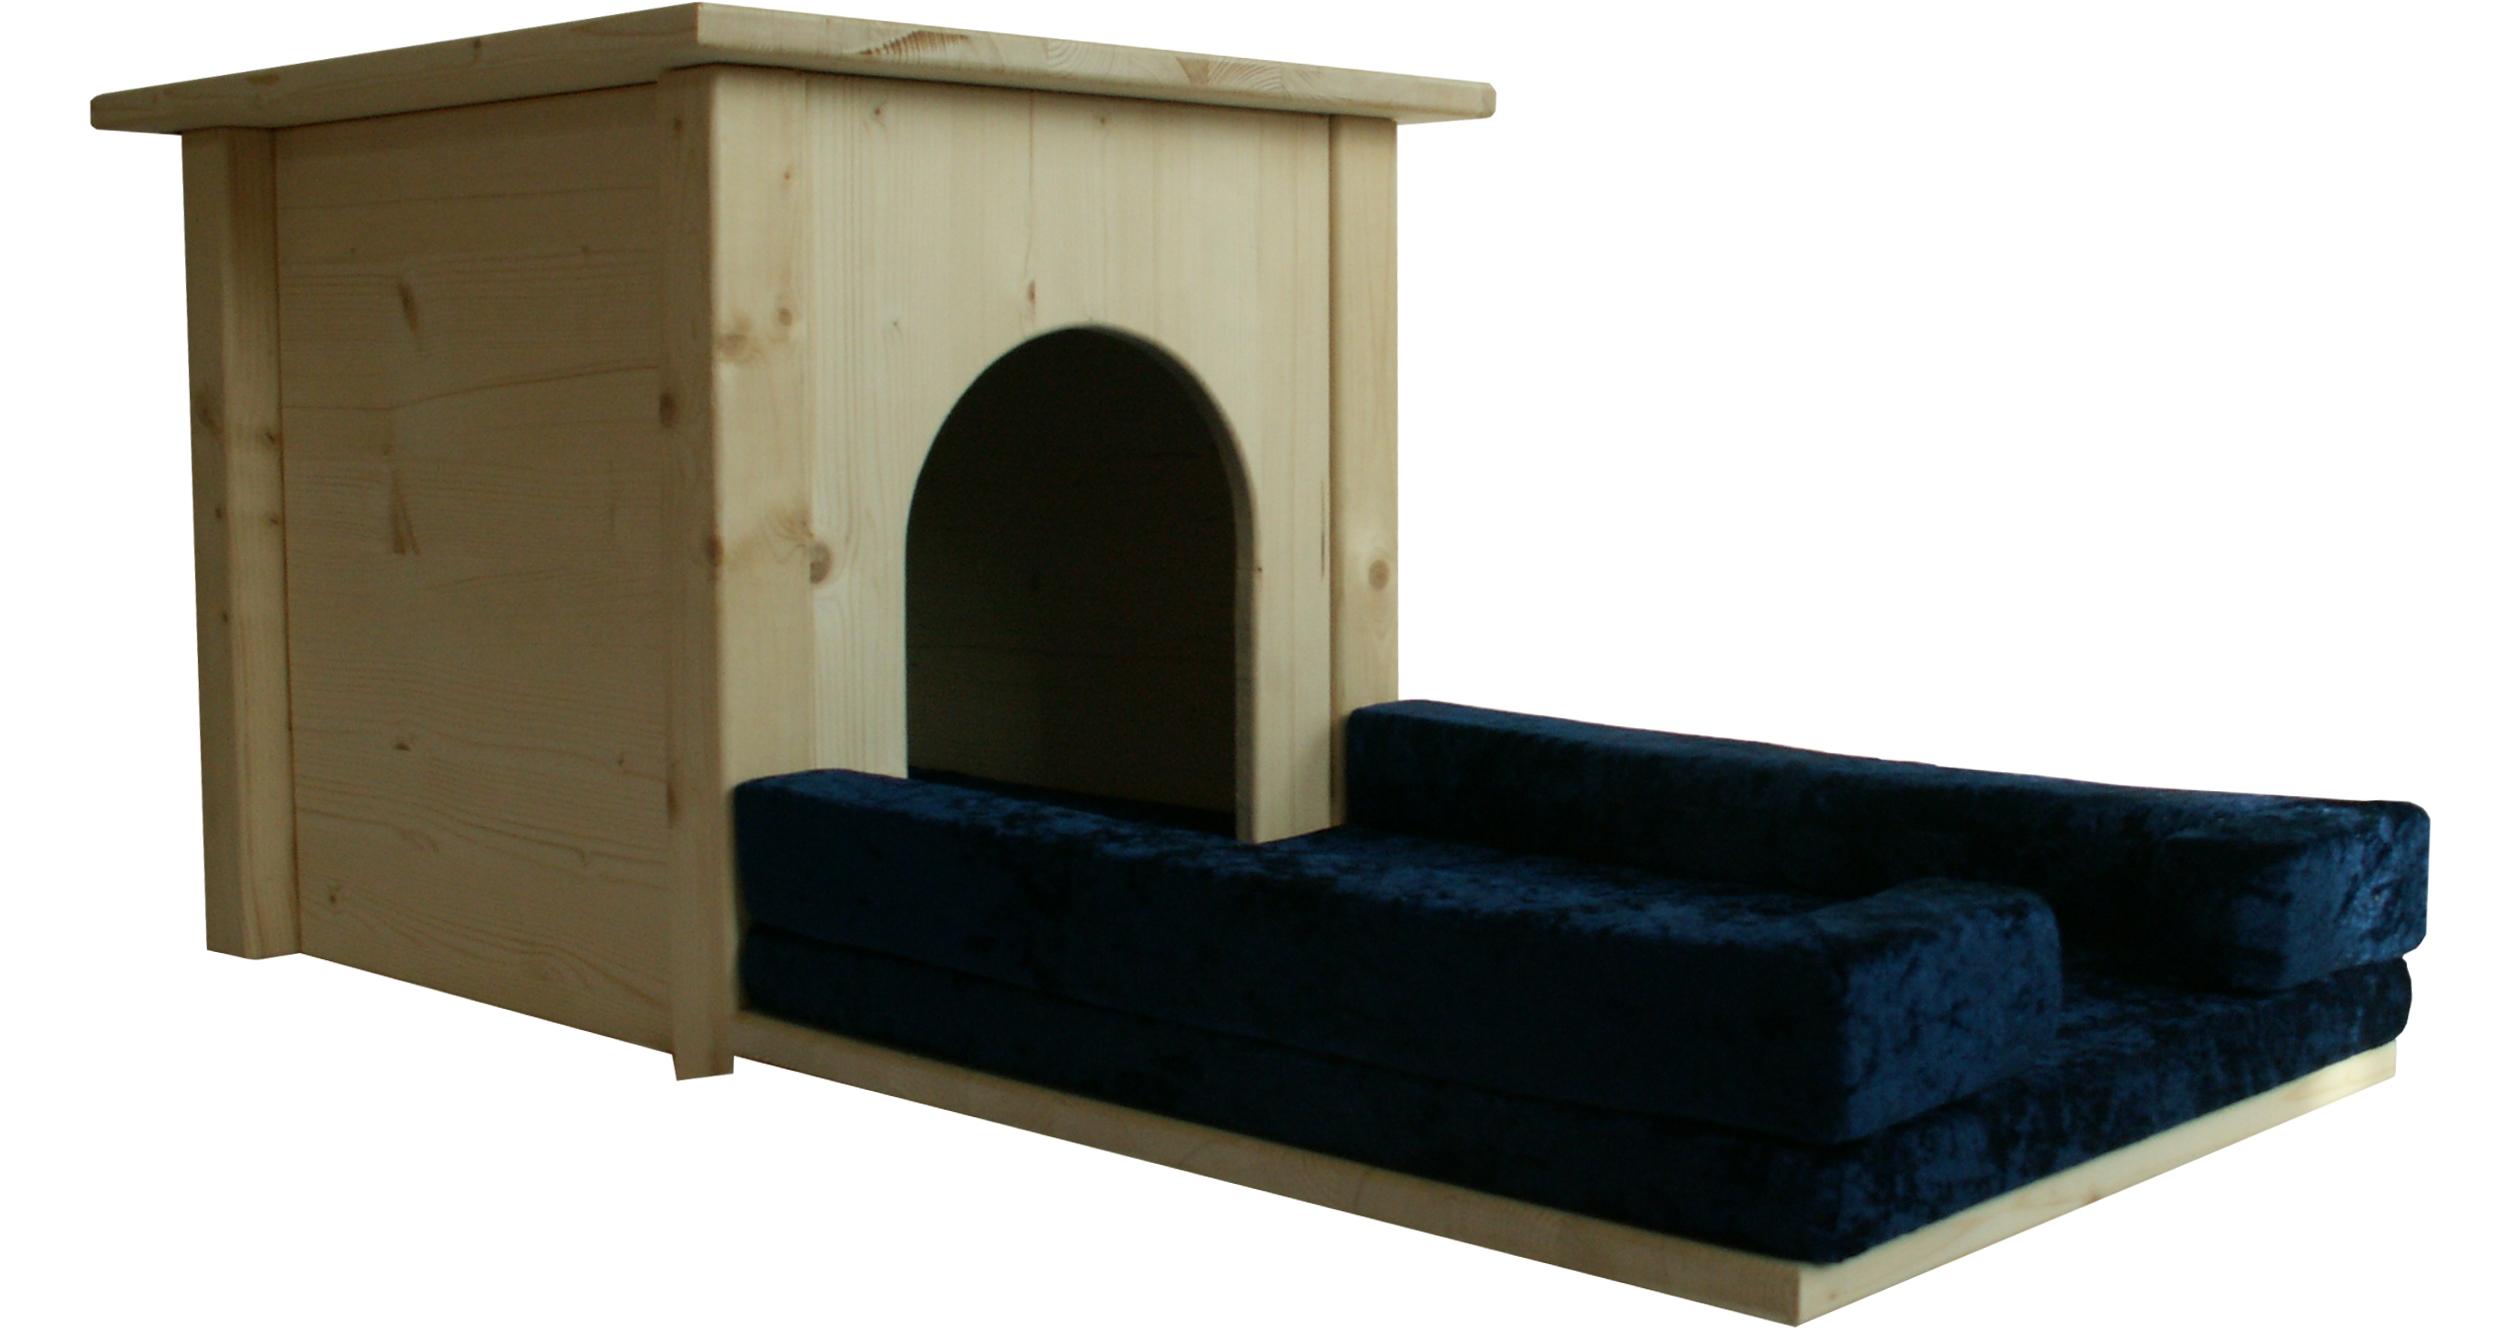 hundeh tte f r die wohnung zu verkaufen in werdau tiere kleinanzeigen. Black Bedroom Furniture Sets. Home Design Ideas